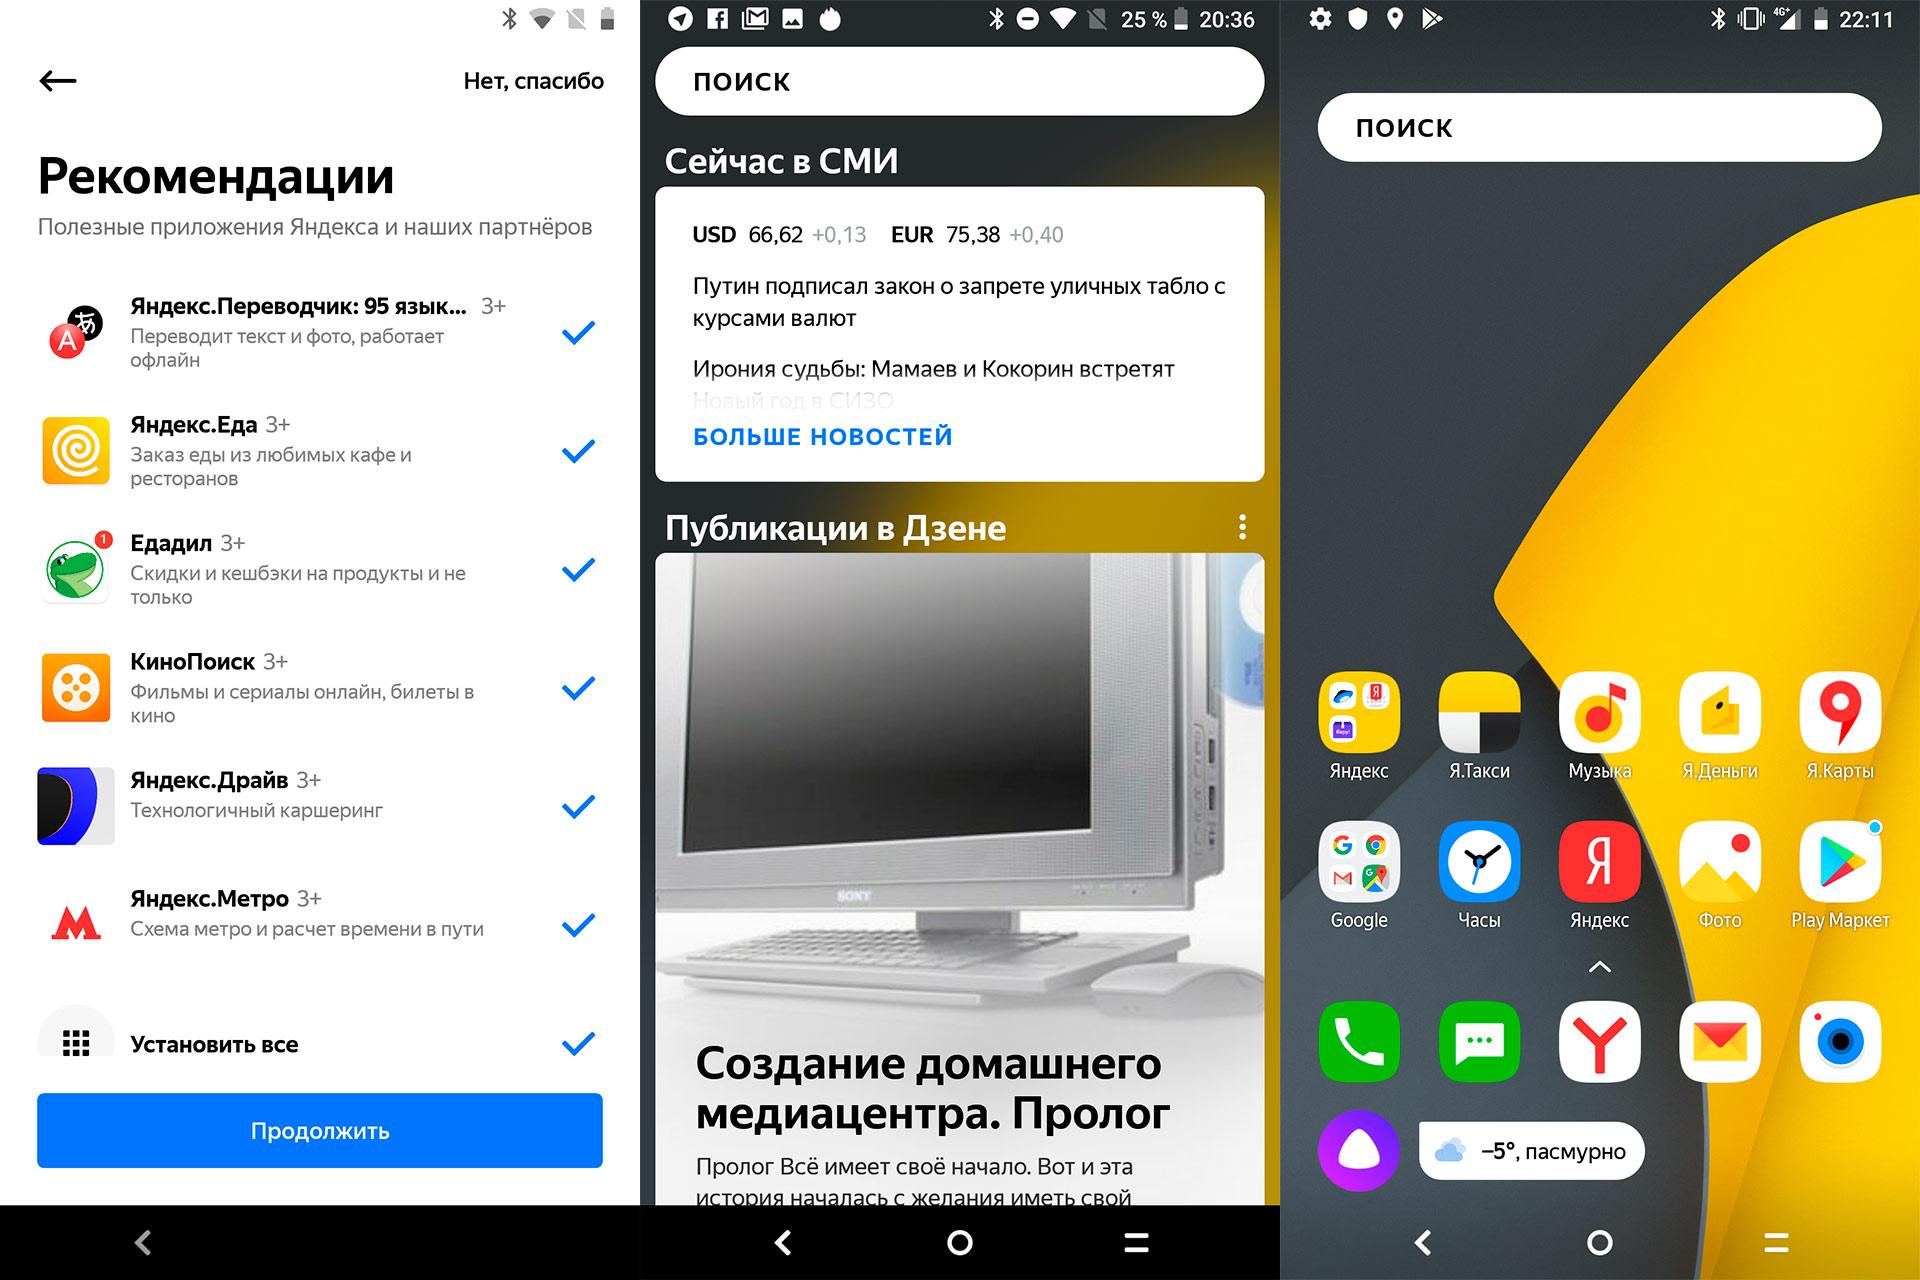 Справочная: Яндекс.Телефон - 4